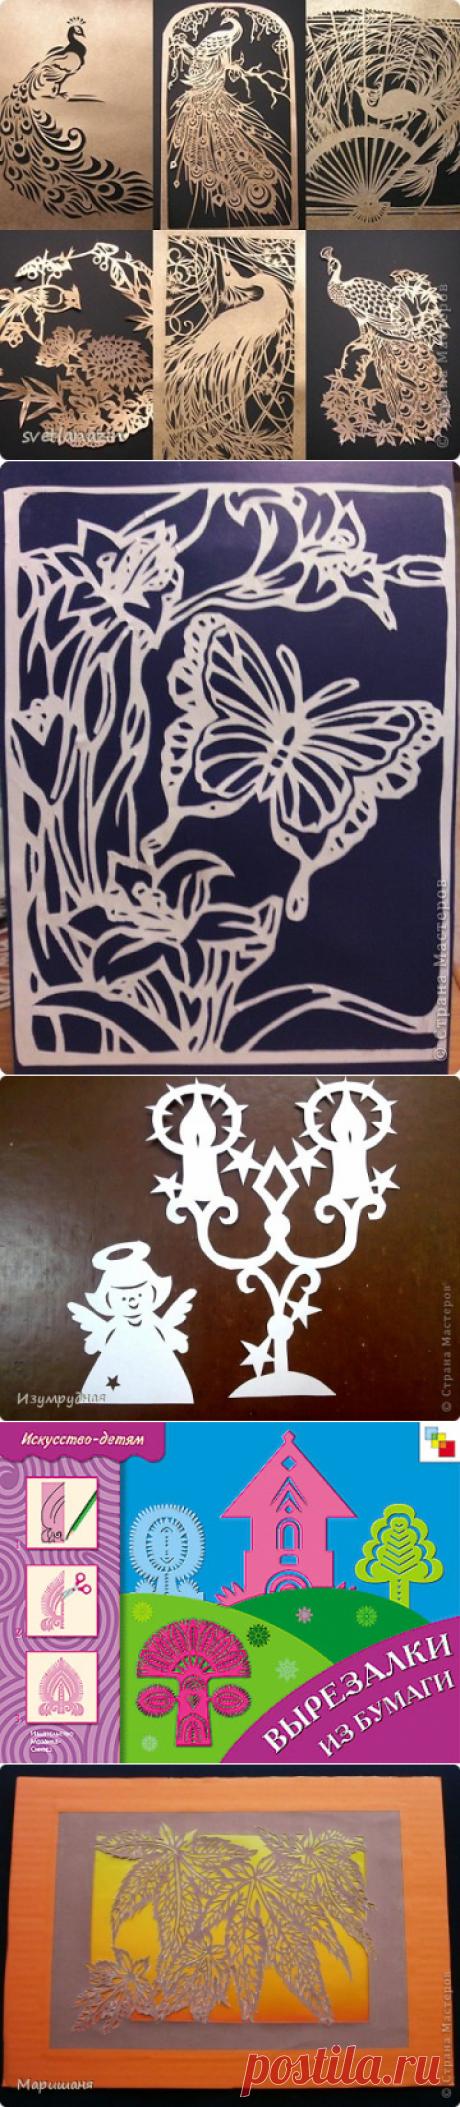 Вырезанки из бумаги птицы - Ru kartinki